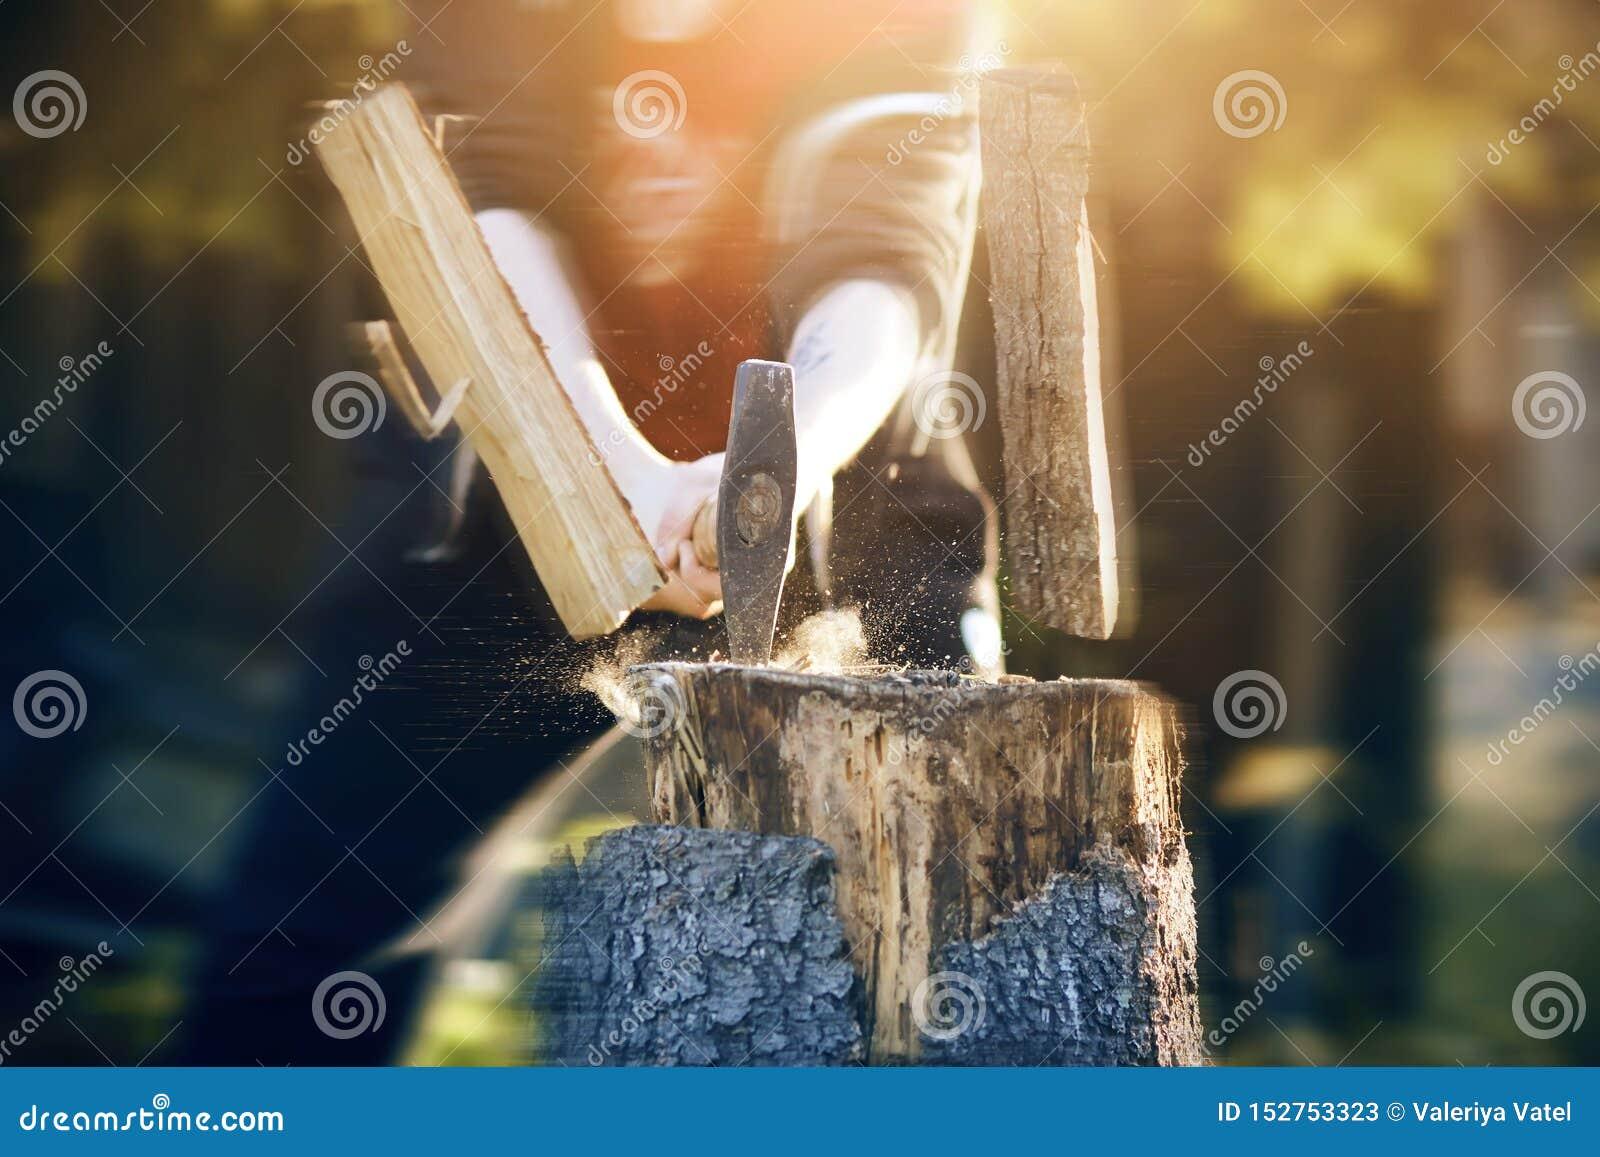 Grabben klipper kraftigt journaler med en skarp yxa